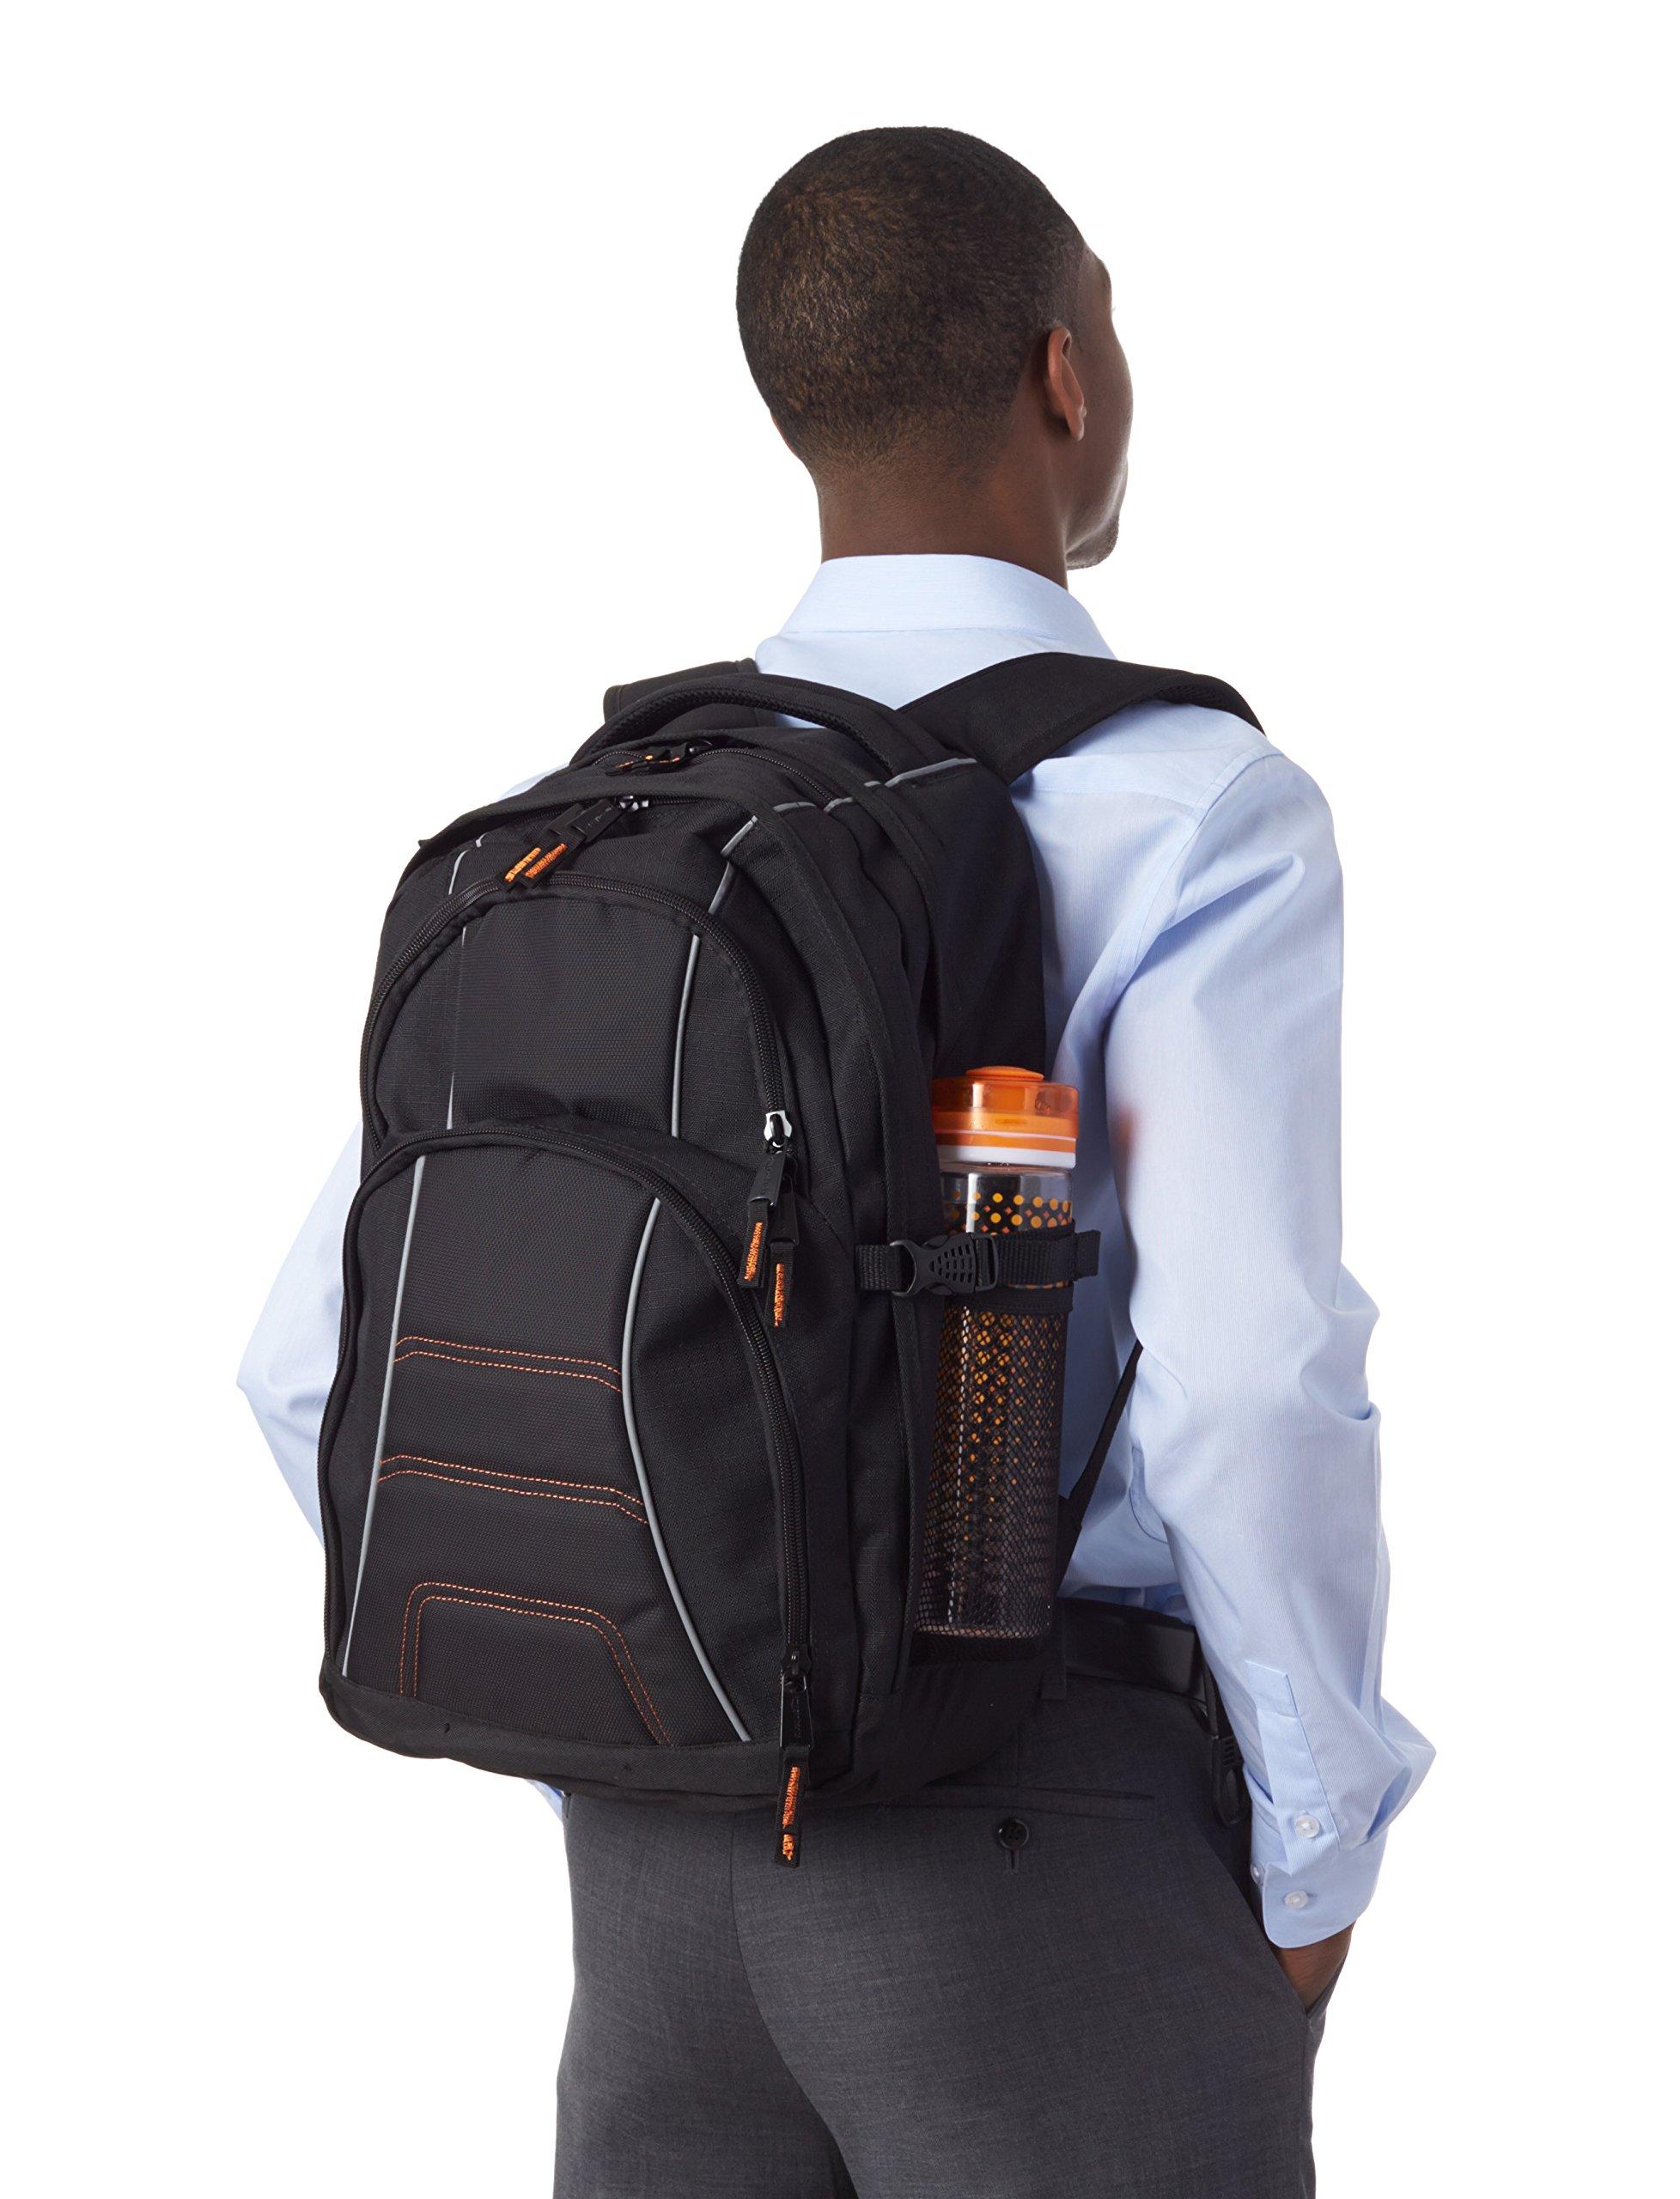 AmazonBasics Backpack for Laptops up to 17-inches by AmazonBasics (Image #5)